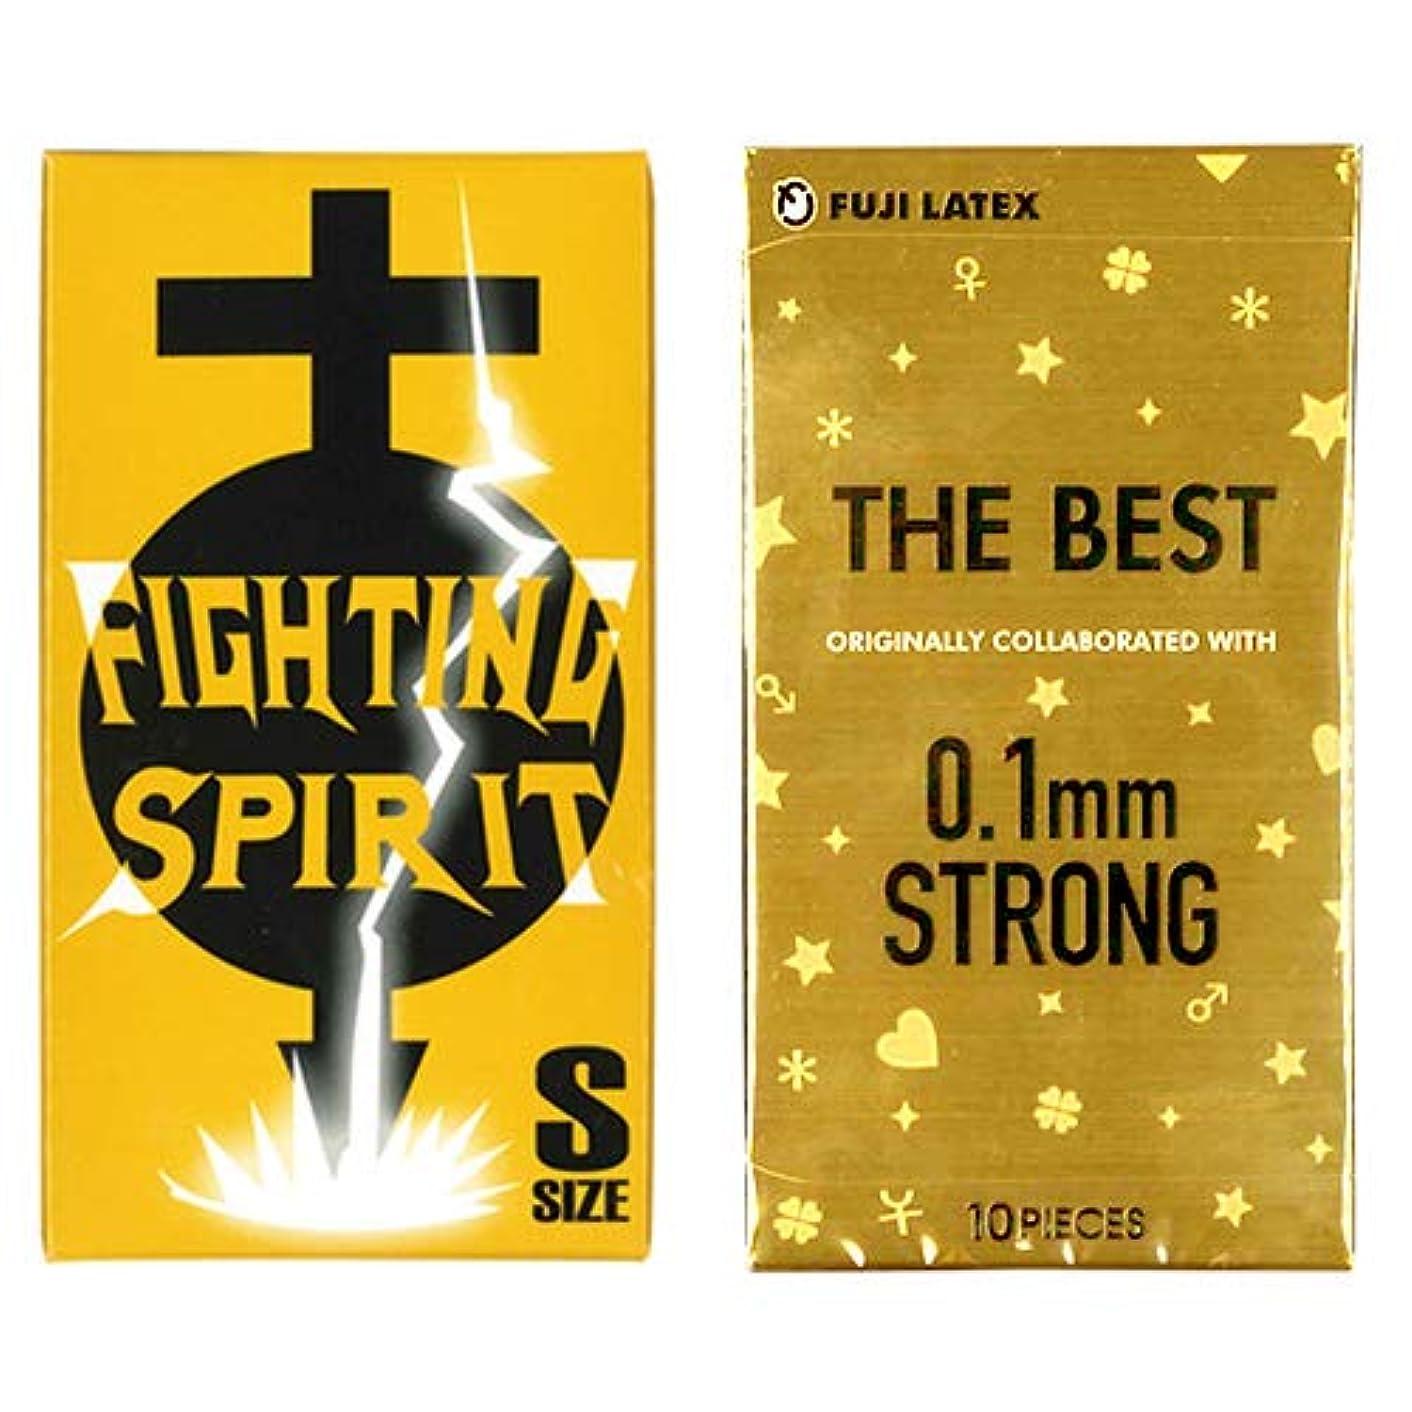 ベンチ評価無人ザ?ベスト コンドーム 0.1mmストロング 10個入 + FIGHTING SPIRIT (ファイティングスピリット) コンドーム Sサイズ 12個入